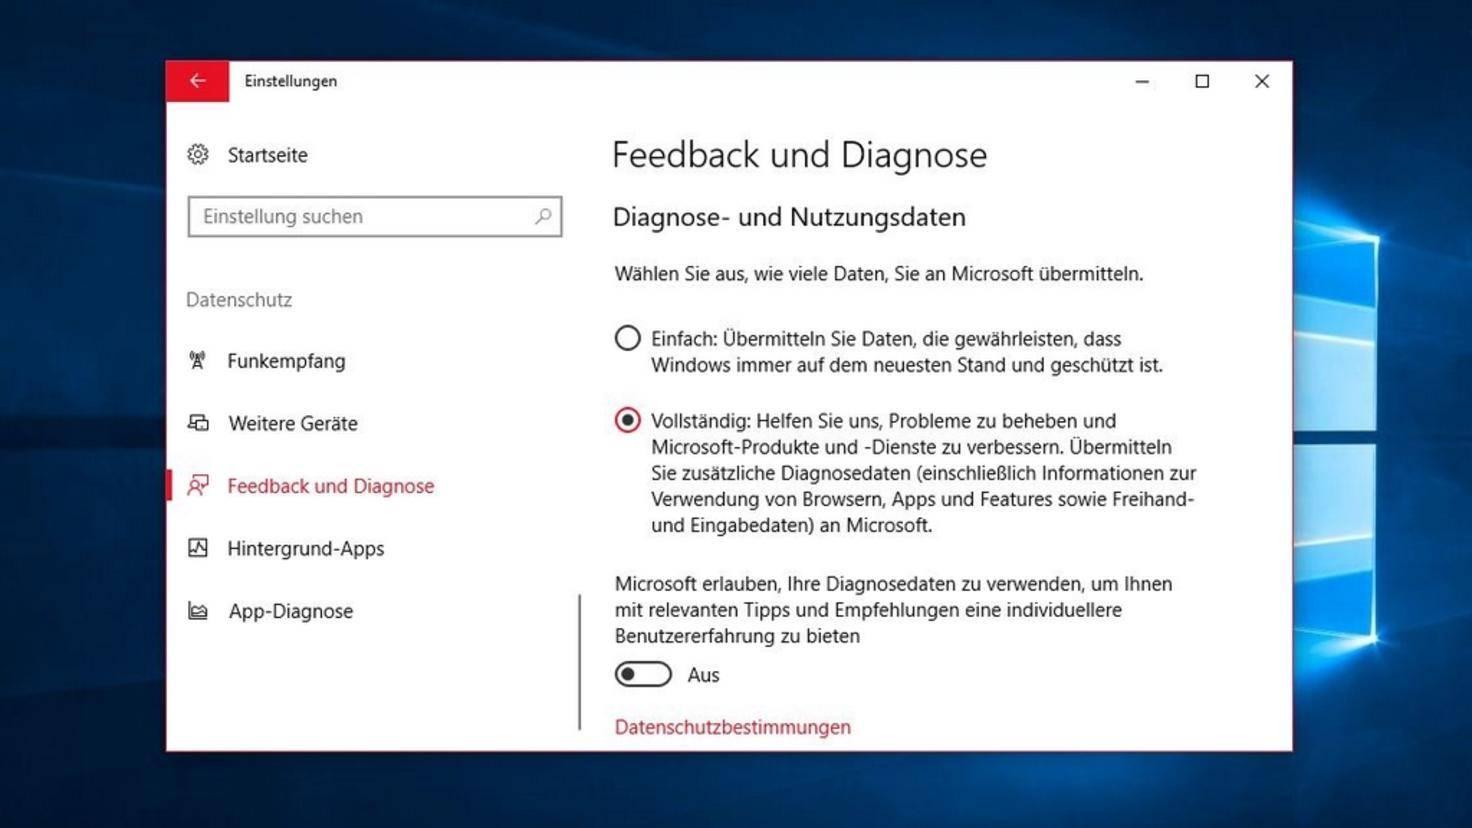 Diagnoledaten Windows 10 neu